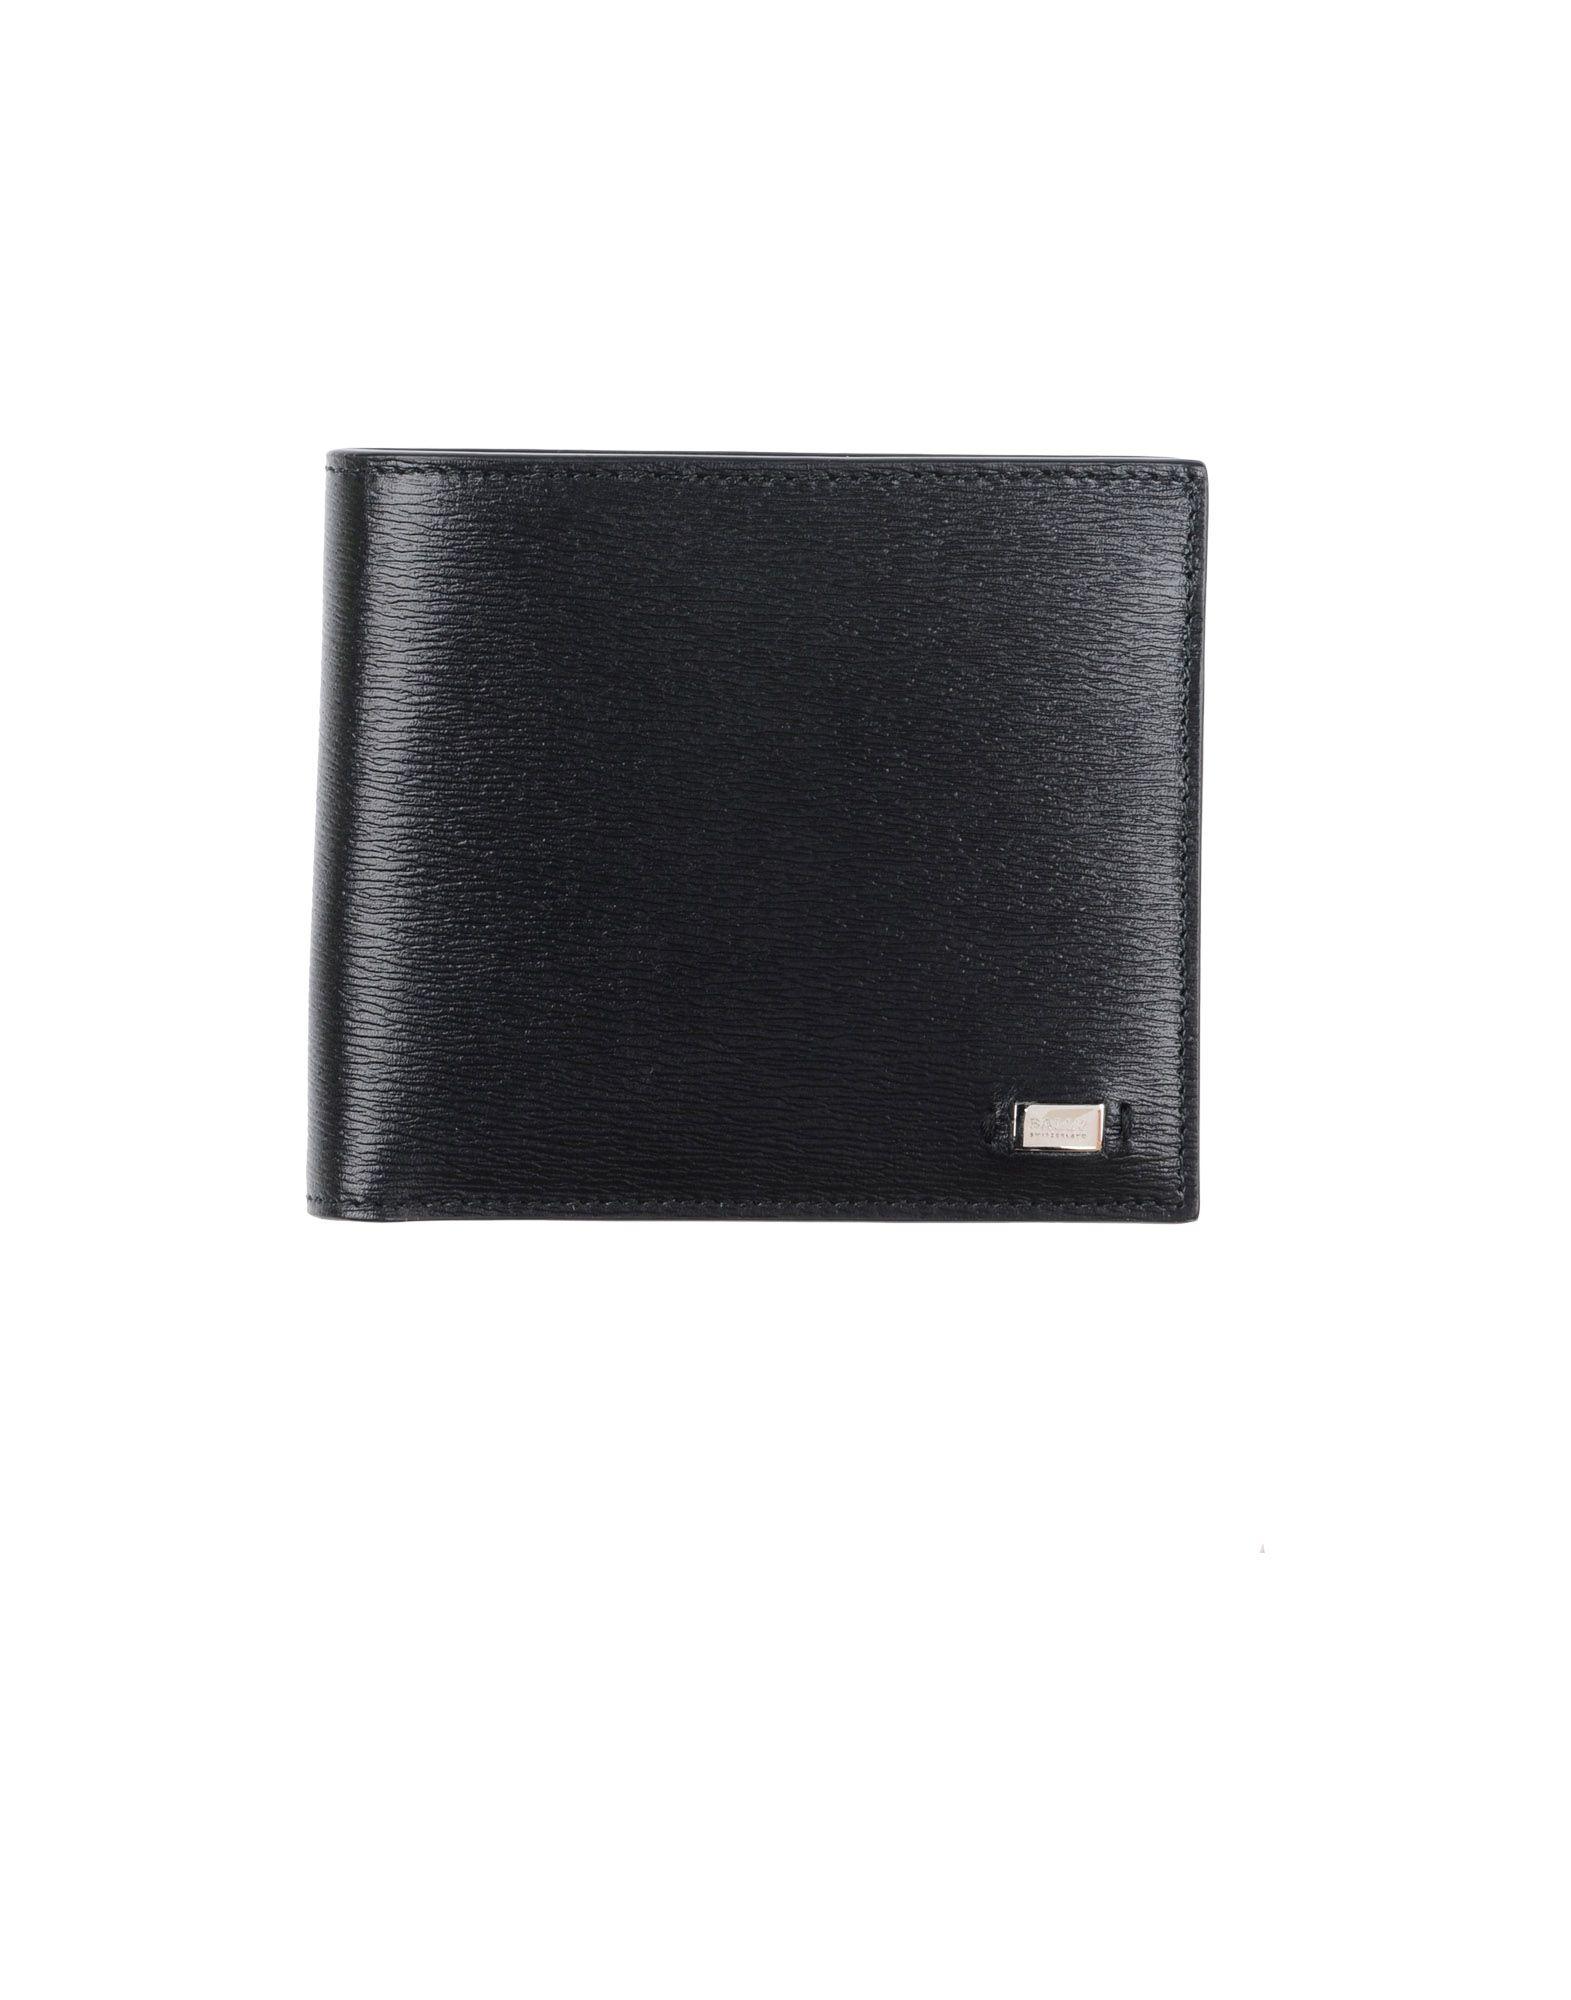 メンズ BALLY 財布 ブラック